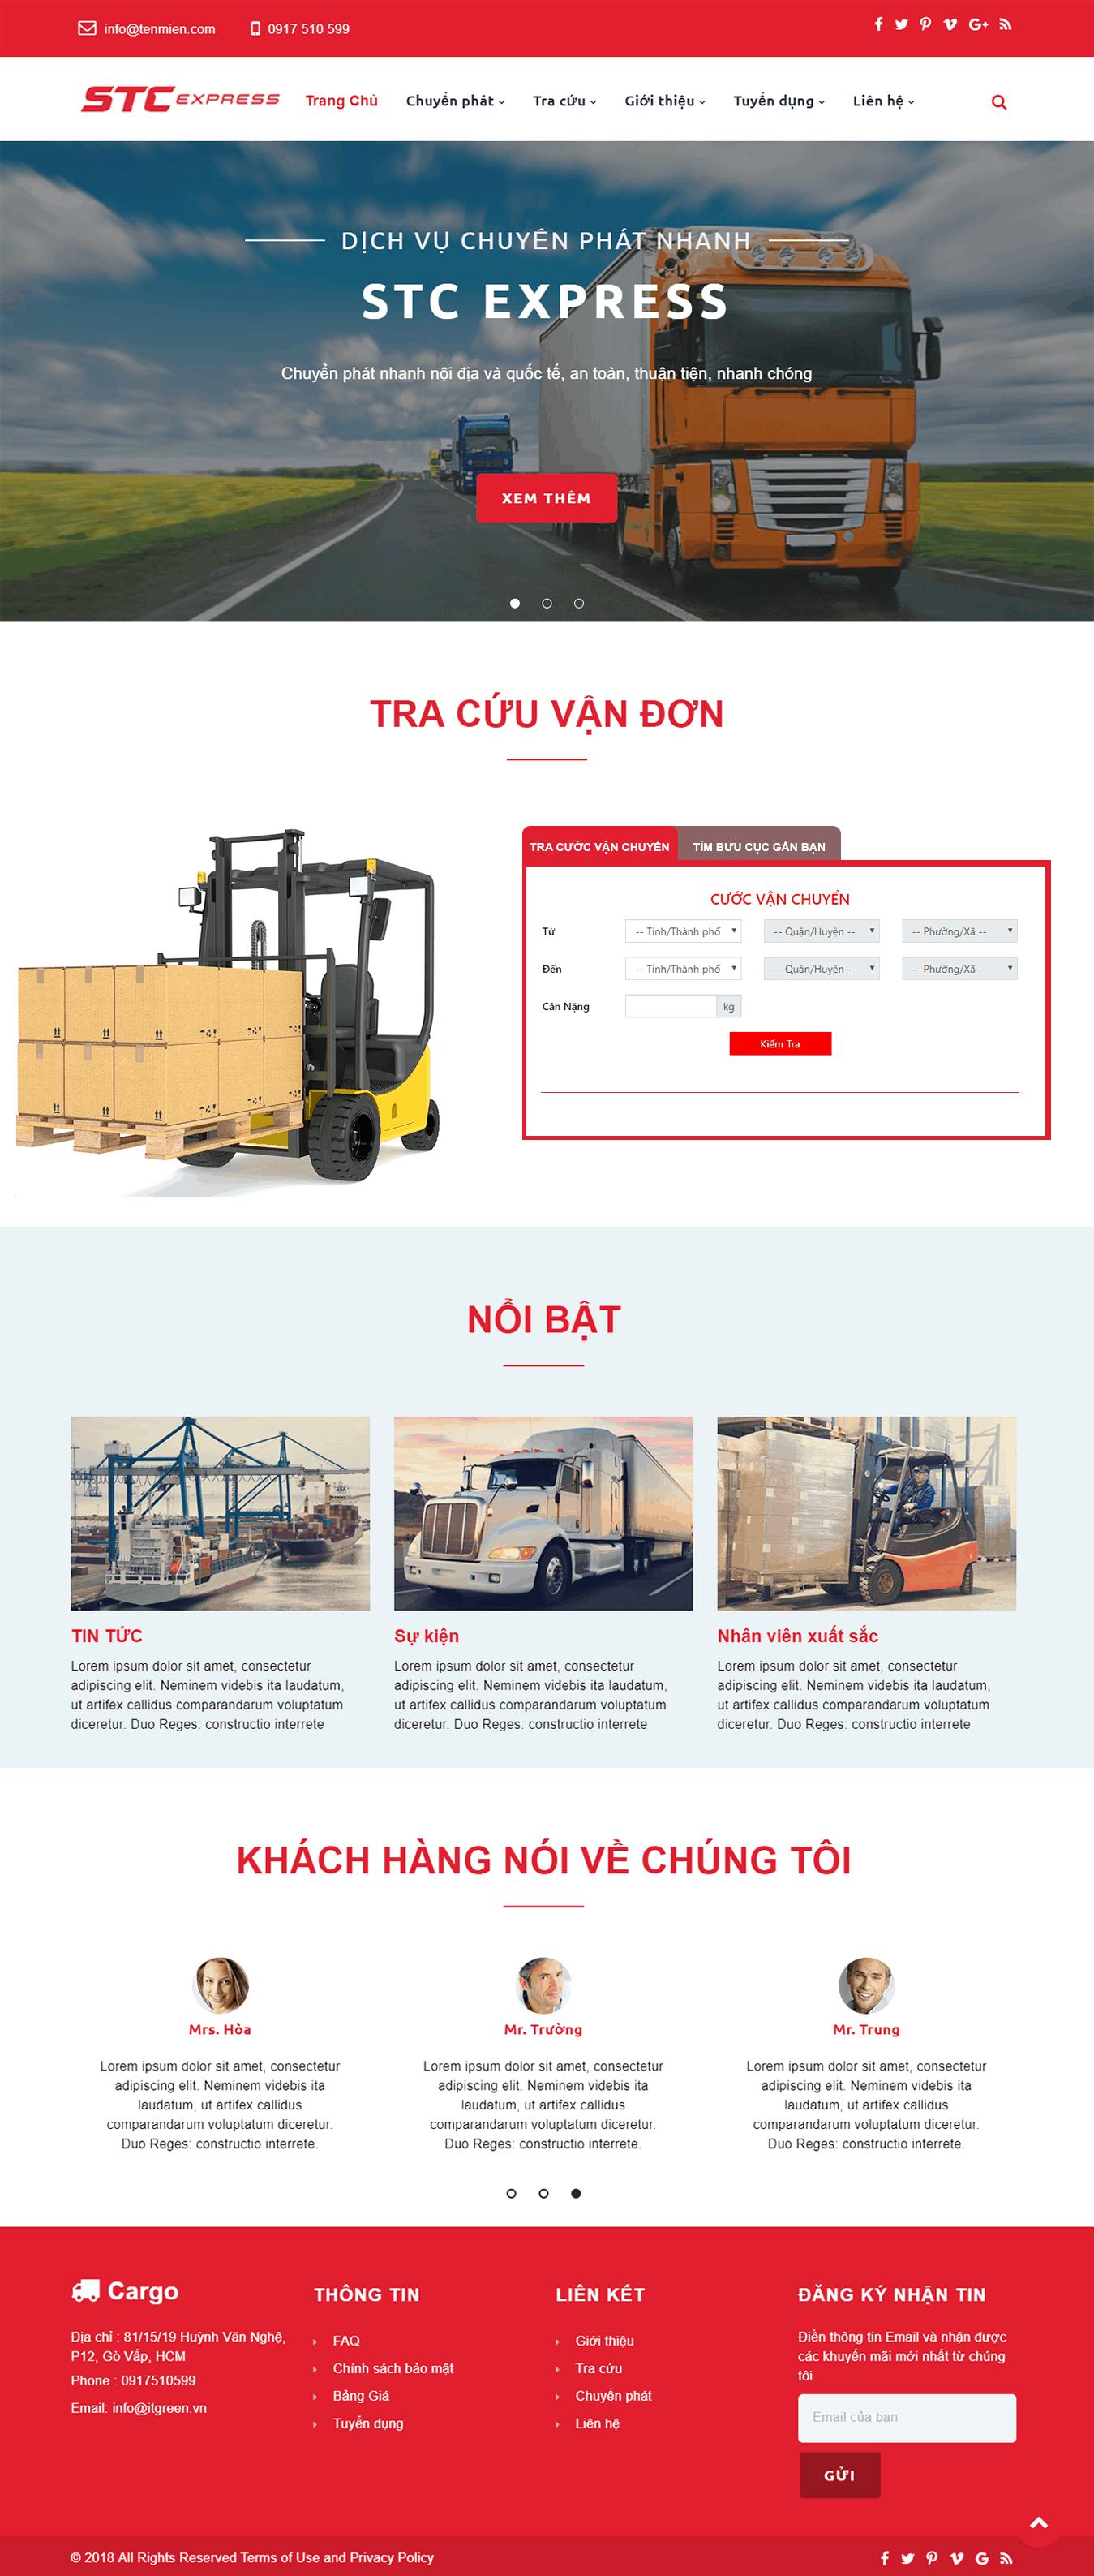 Thiết kế website Thiết kế website logistics, vận tải, chuyển phát nhanh van tai sct